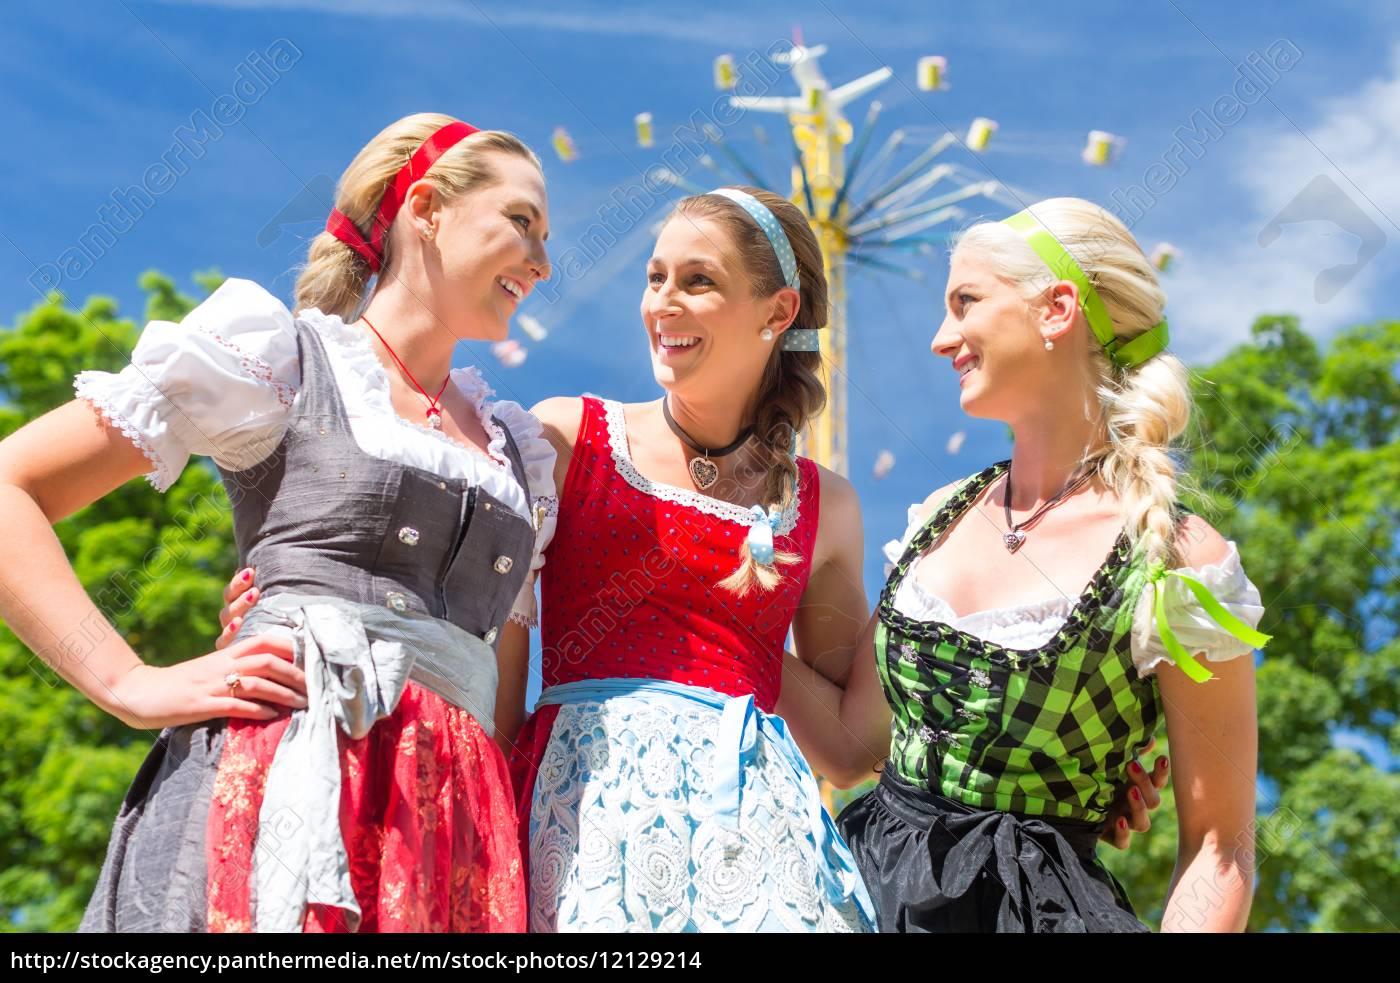 freundinnen, besuchen, , volksfest, haben, spaß - 12129214